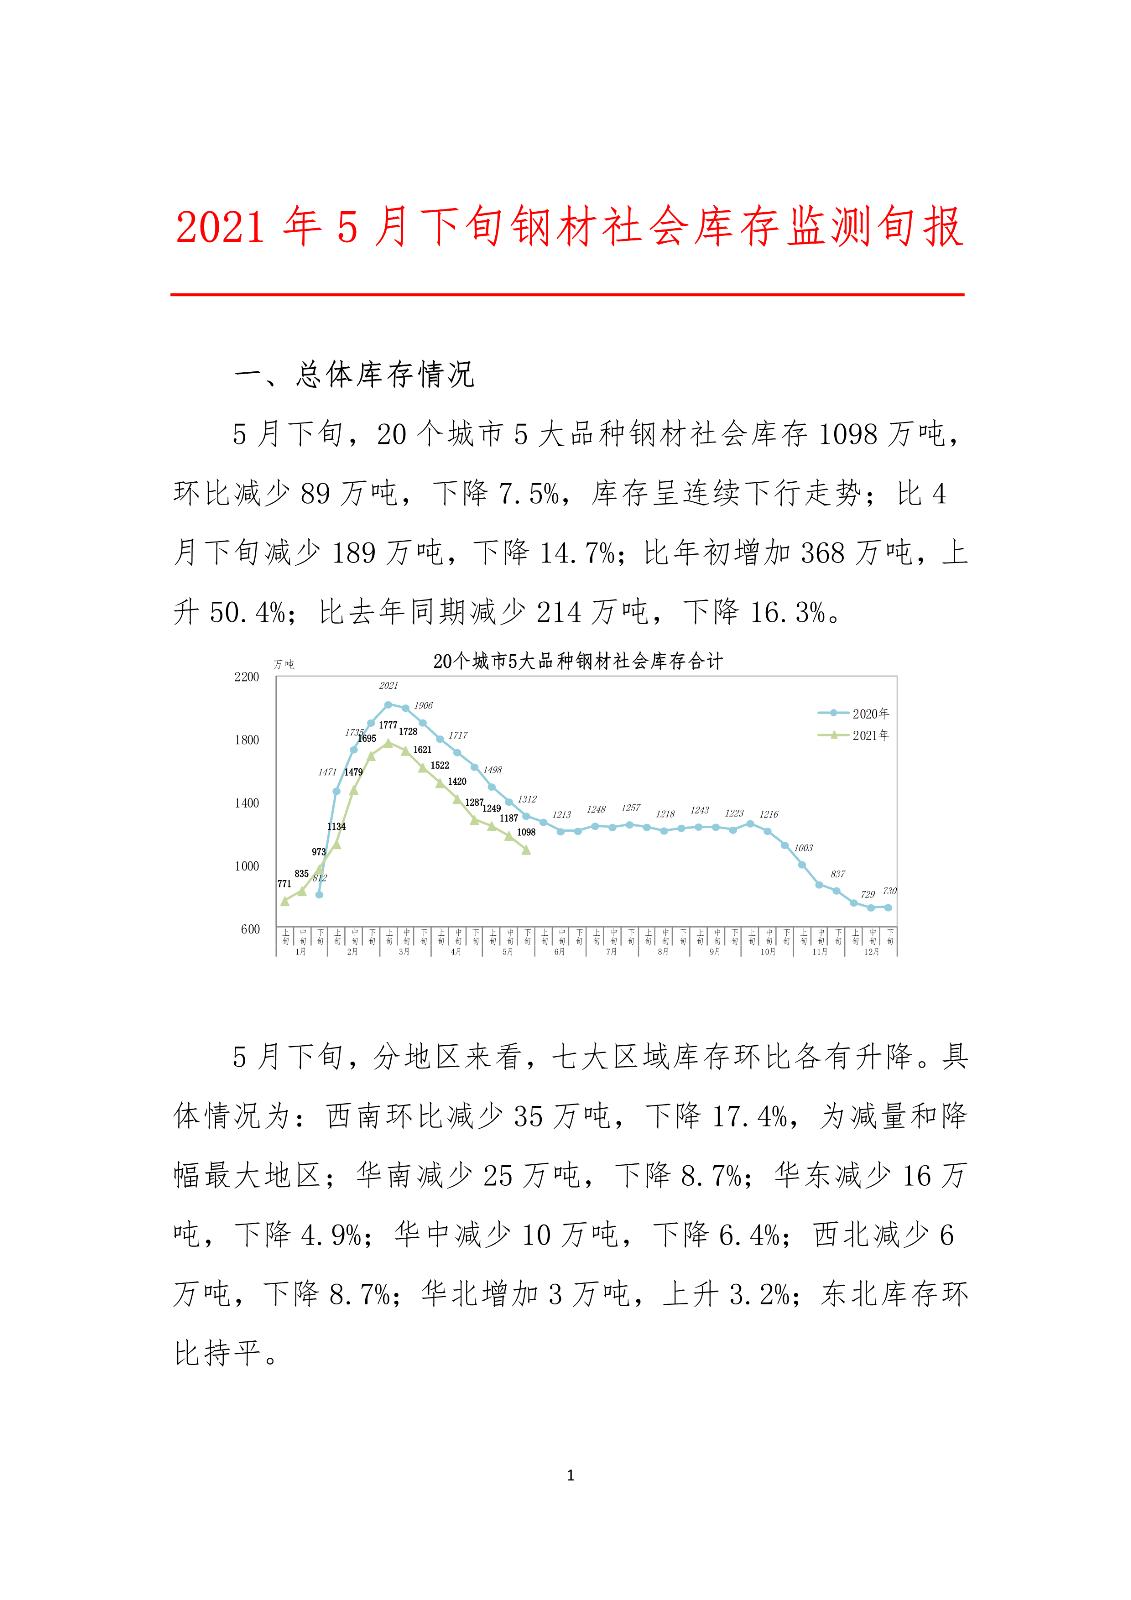 中钢协:2021年5月下旬钢材社会库存监测旬报